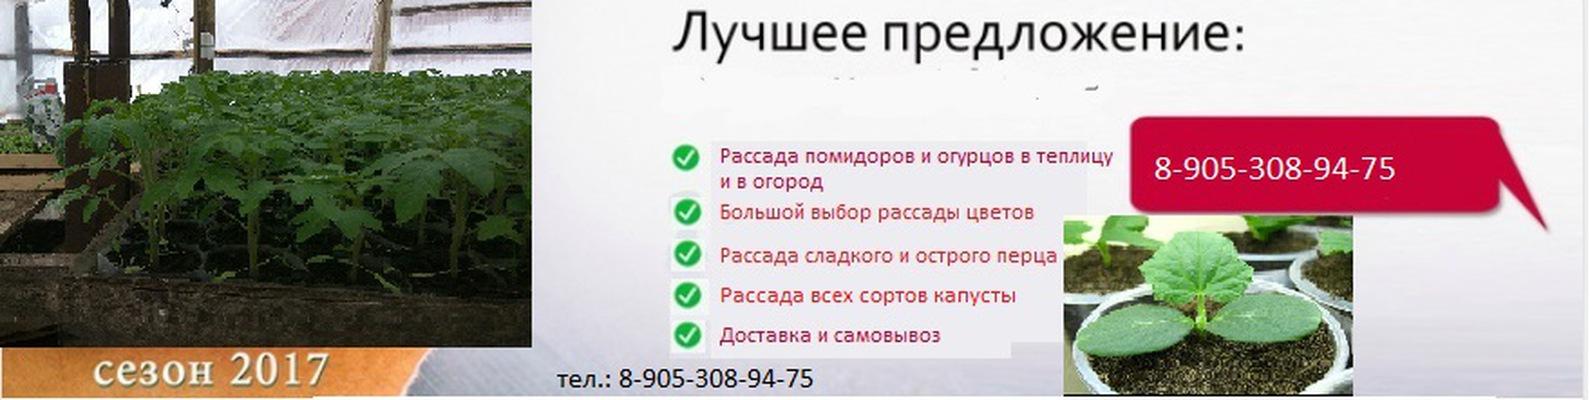 Продажа рассады реклама 63